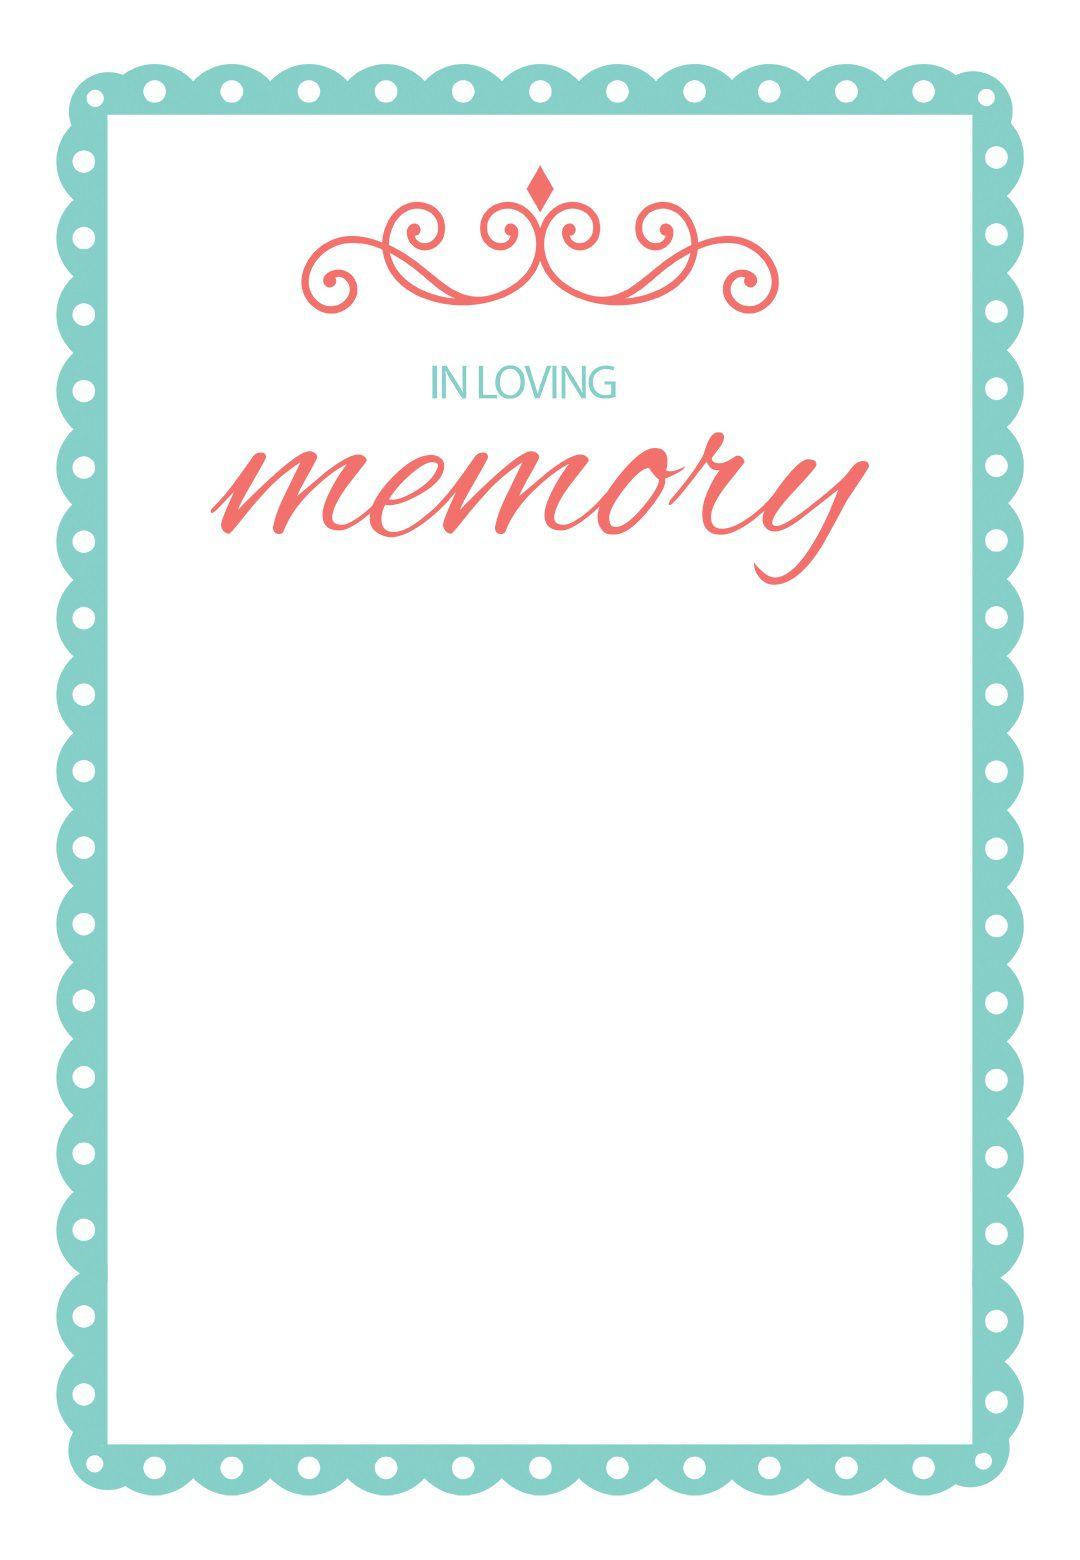 000 Impressive In Loving Memory Template Design  Free Download Card BookmarkFull